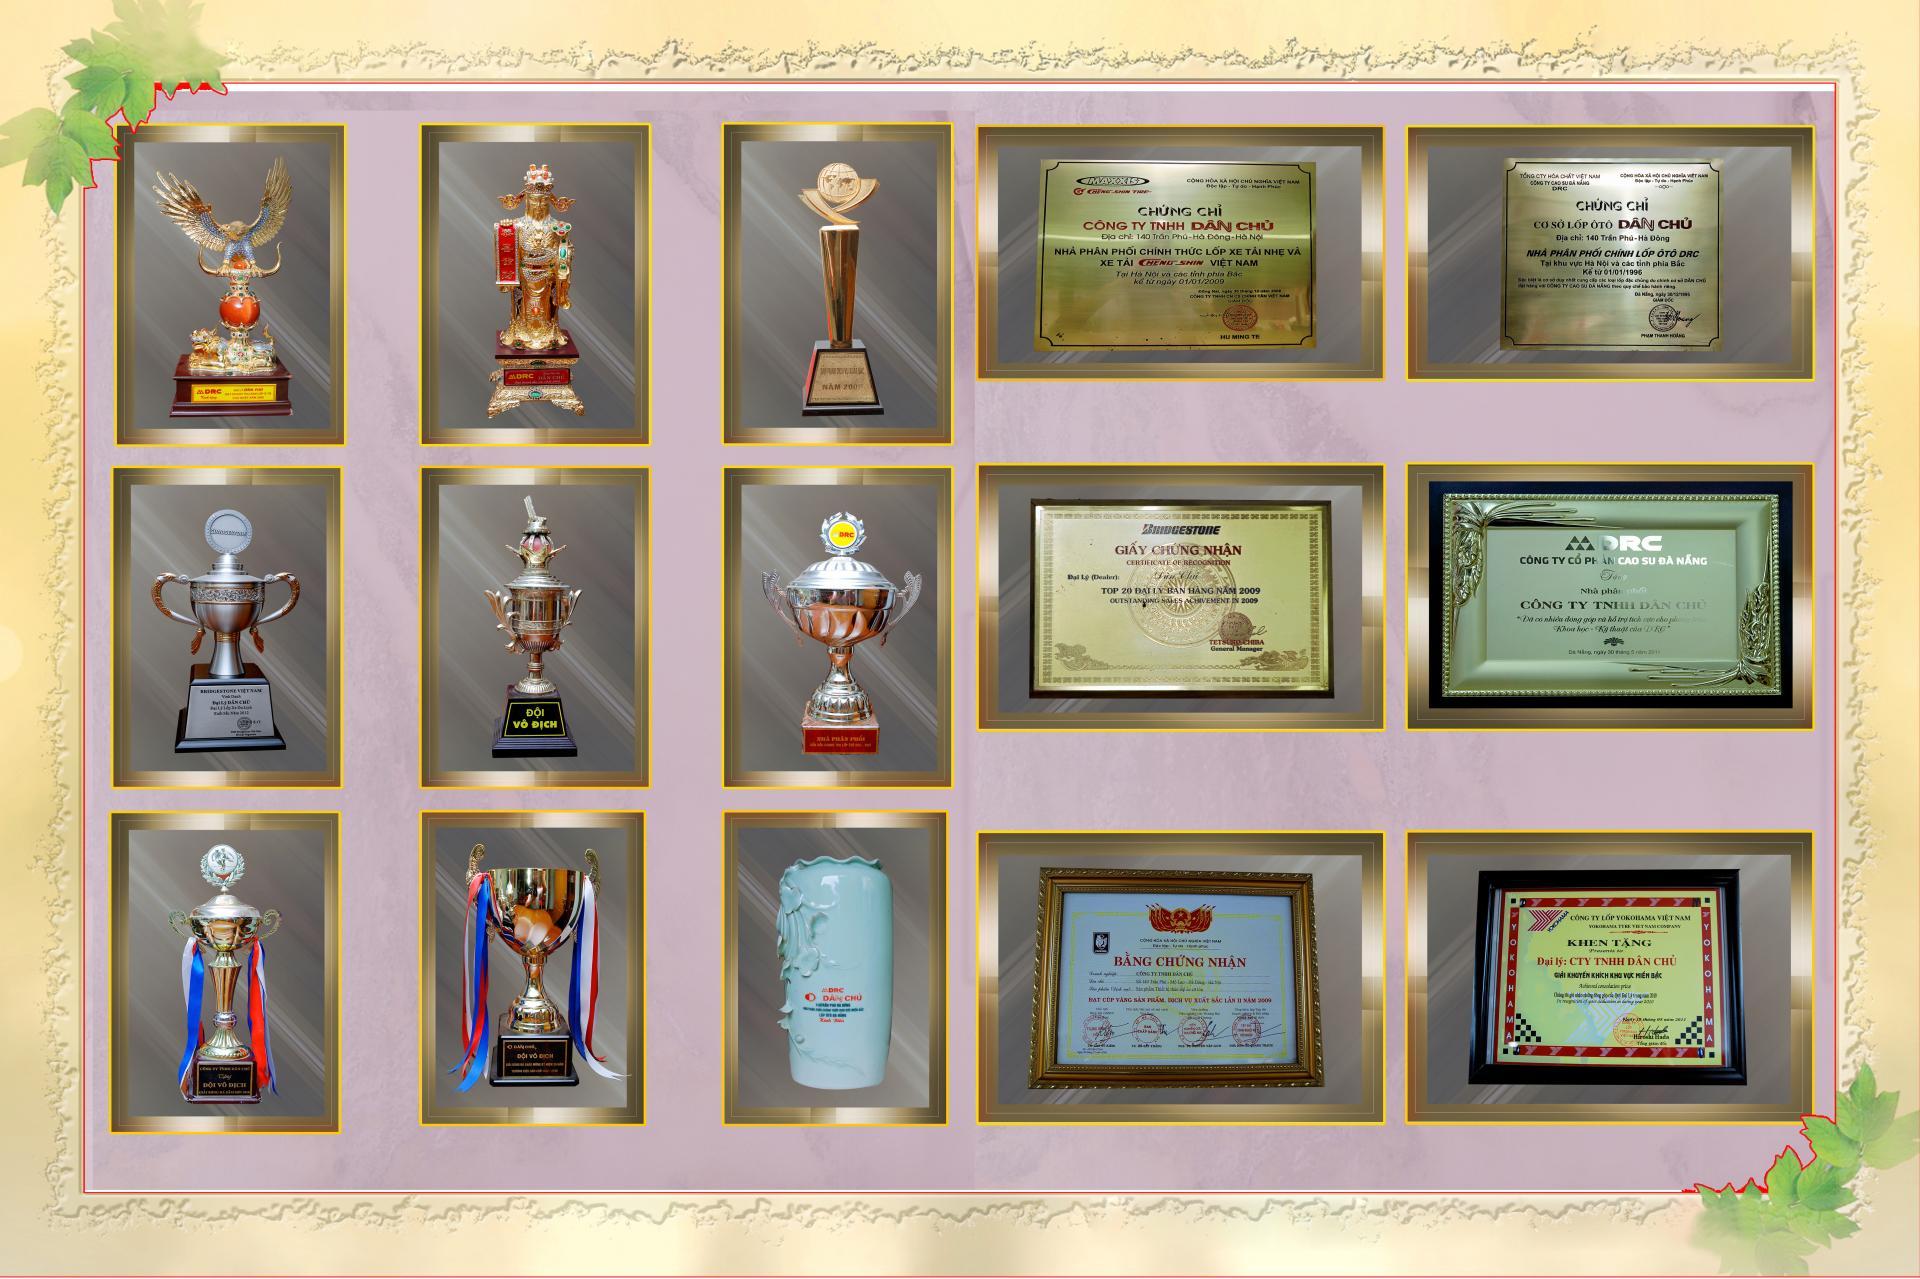 Hình ảnh một số giải thưởng tiêu biểu được trao tặng bởi các cơ quan nhà nước và các hãng lốp xe nổi tiếng.